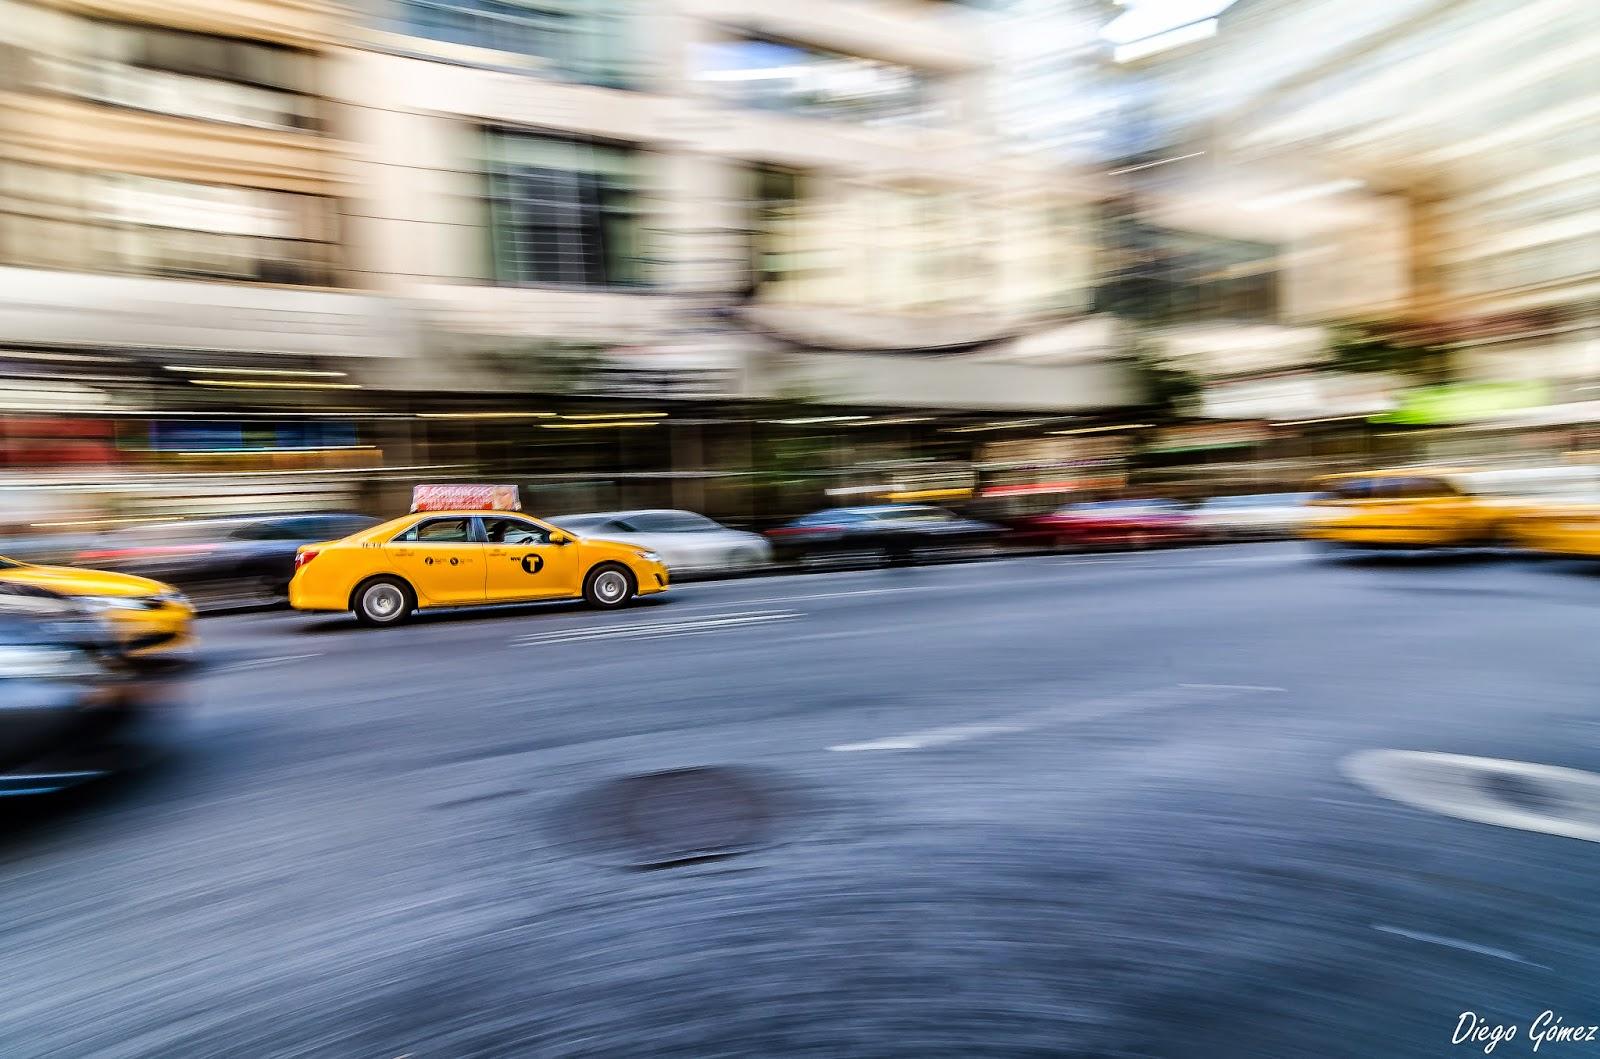 barrido taxi amarillo nueva york enfoque y foto a toda velocidad